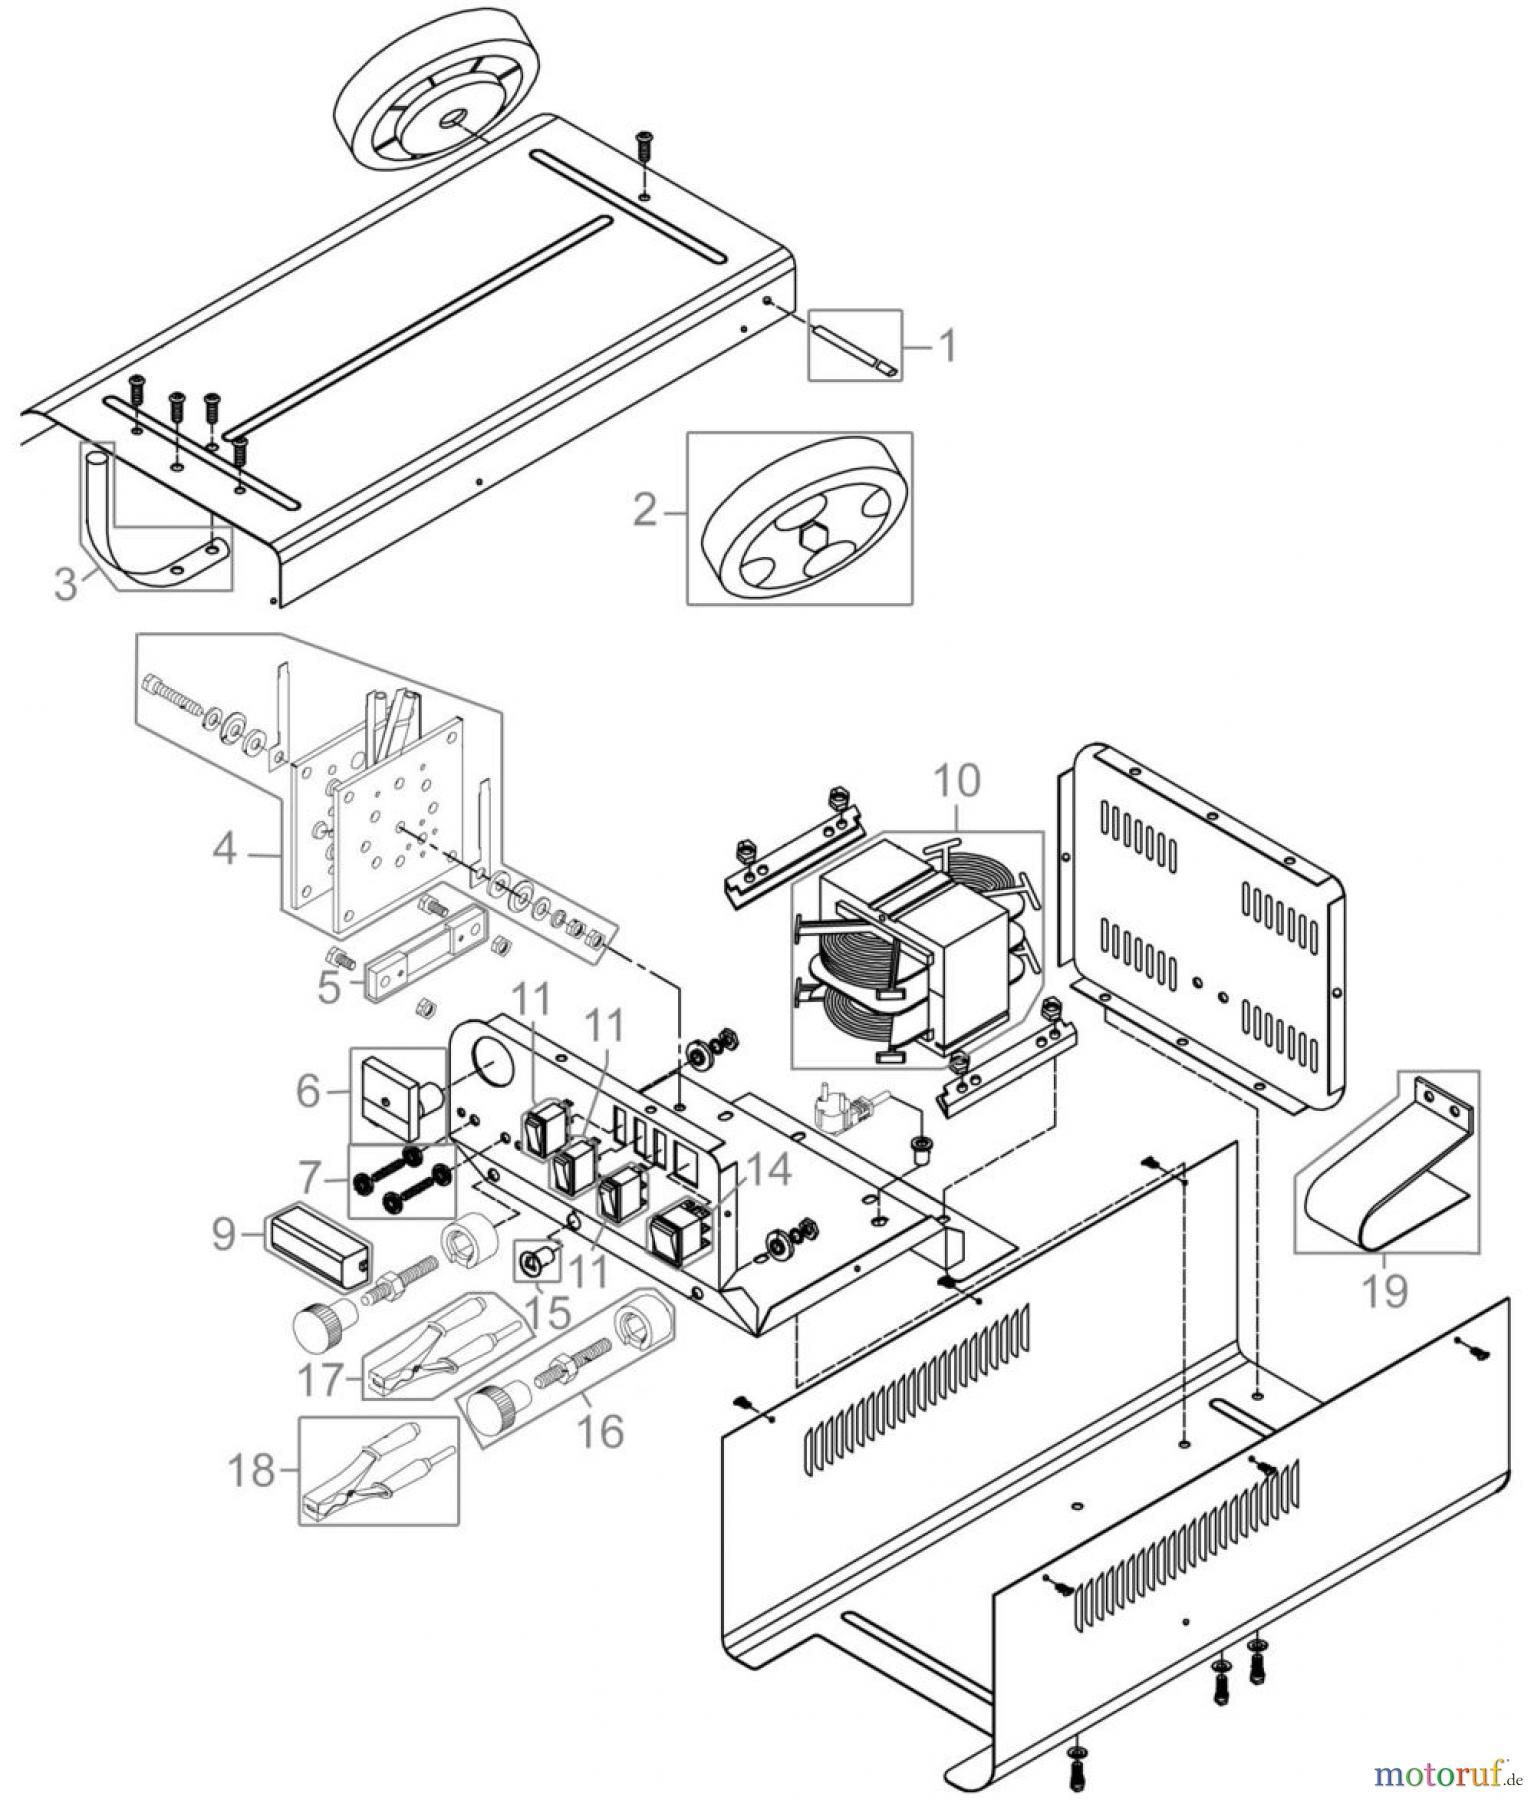 g de batterielader kfz zubeh r batterielader. Black Bedroom Furniture Sets. Home Design Ideas